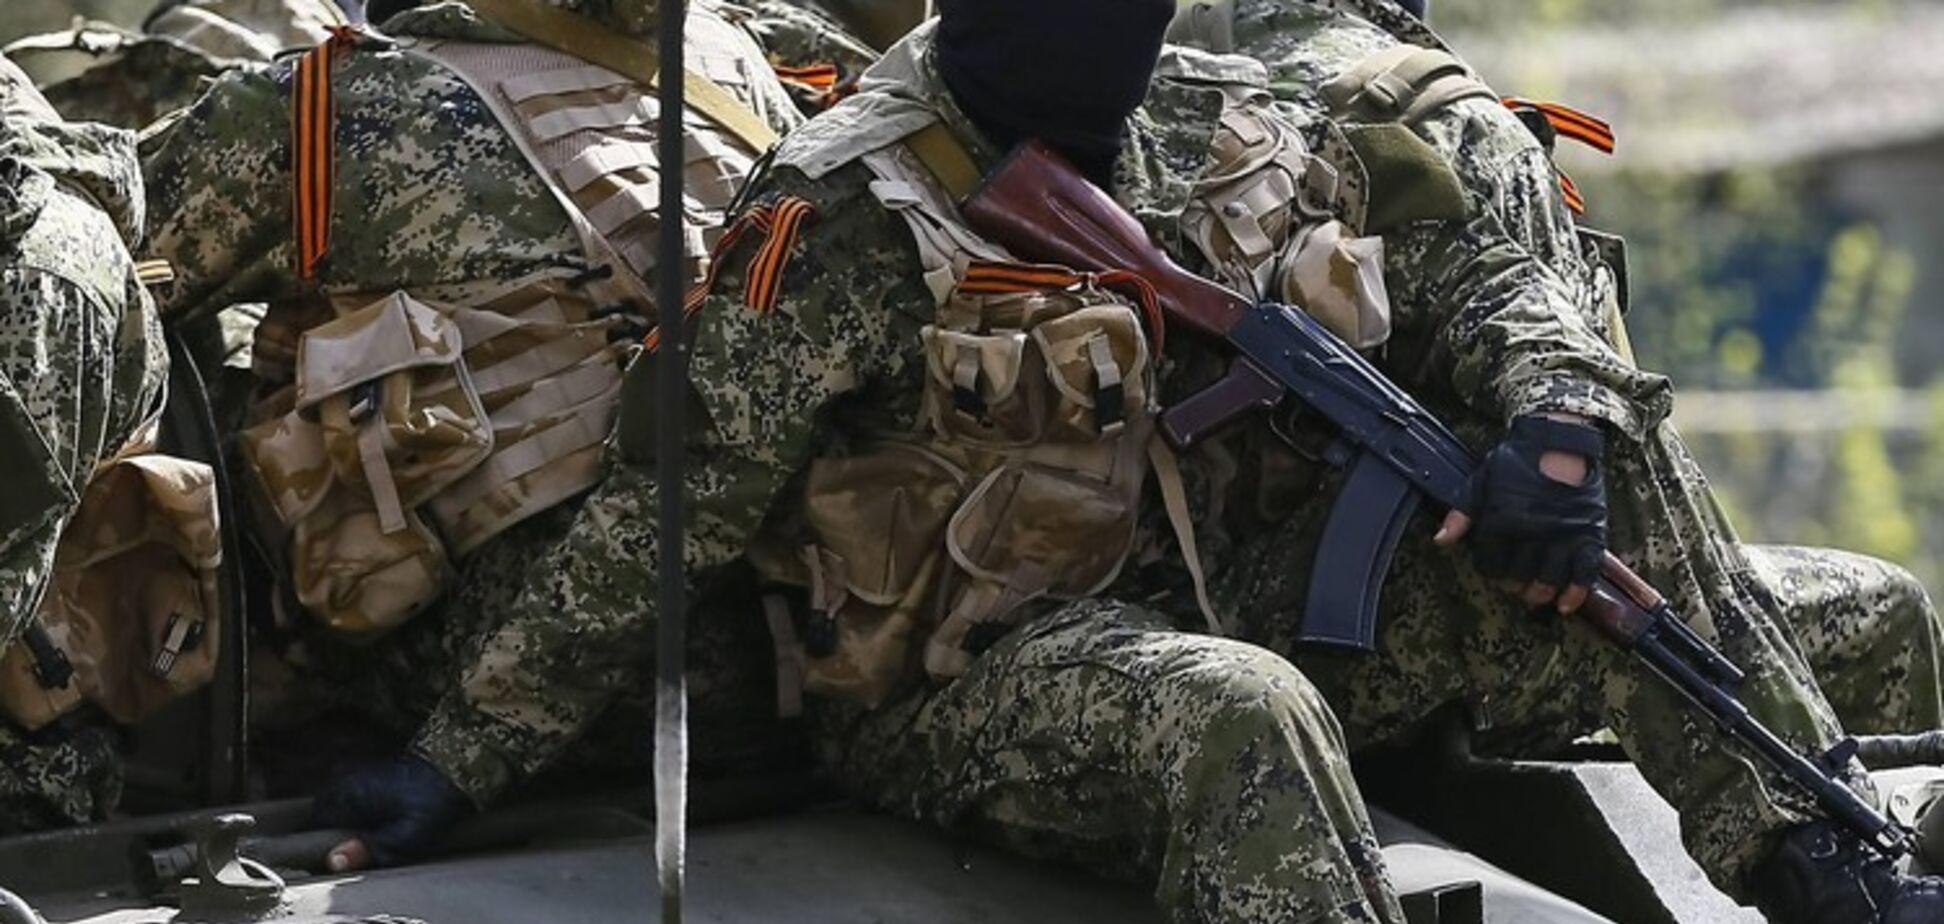 'Под украинскими флагами': в сети показали наемницу РФ, устроившую бойню на Донбассе